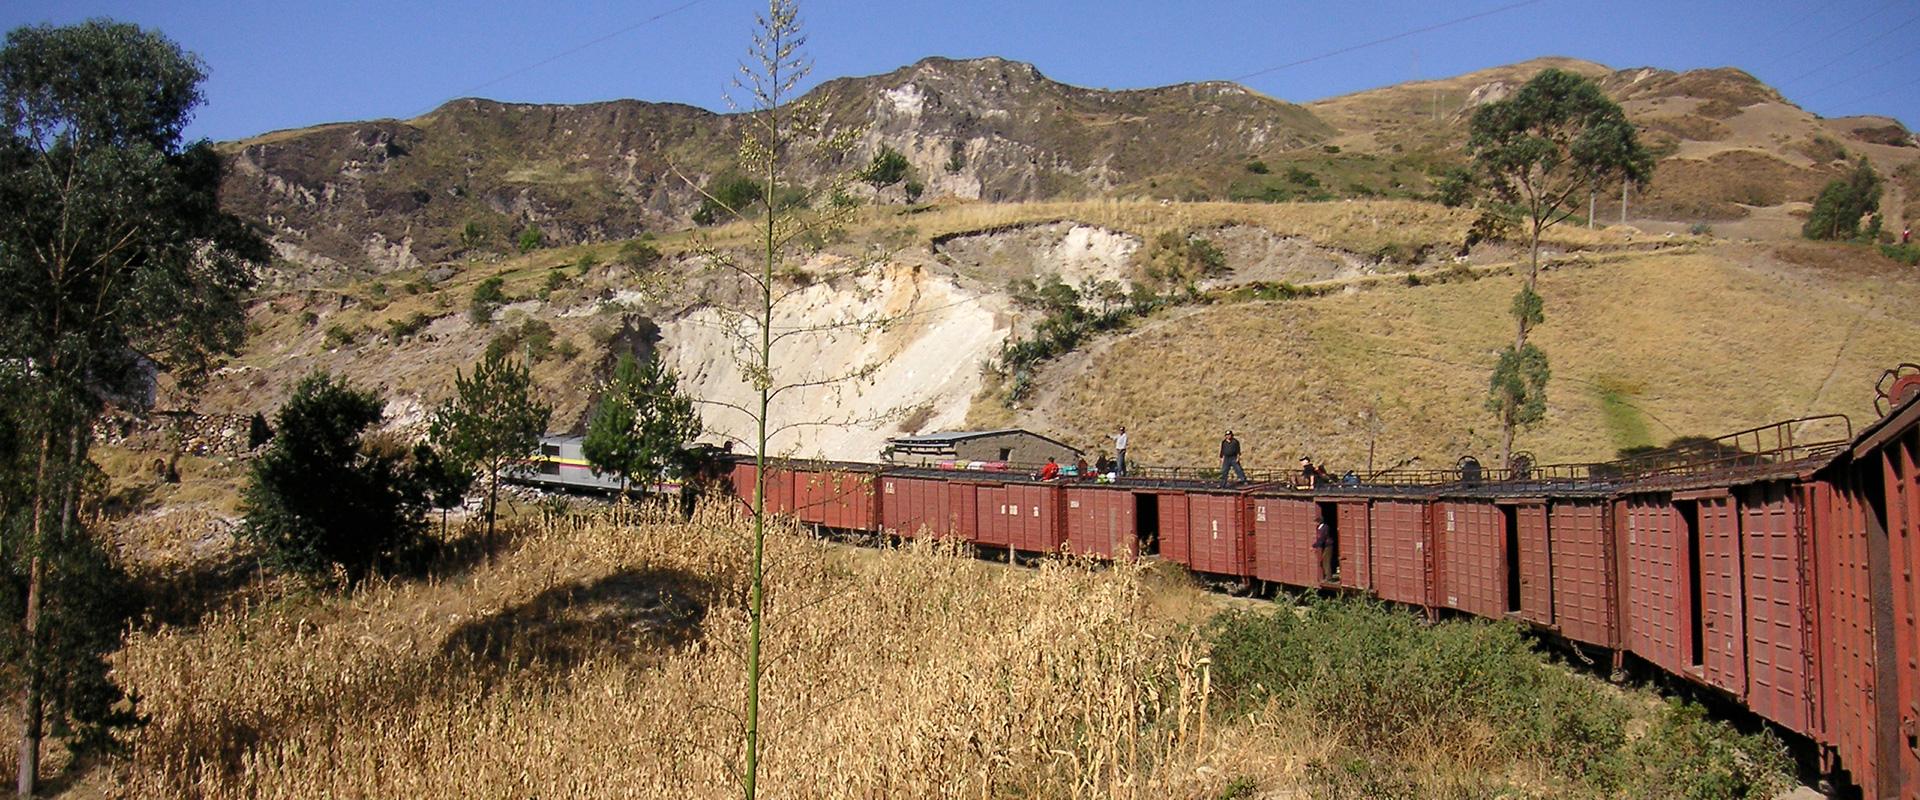 Ecuador Andes Train Landscape